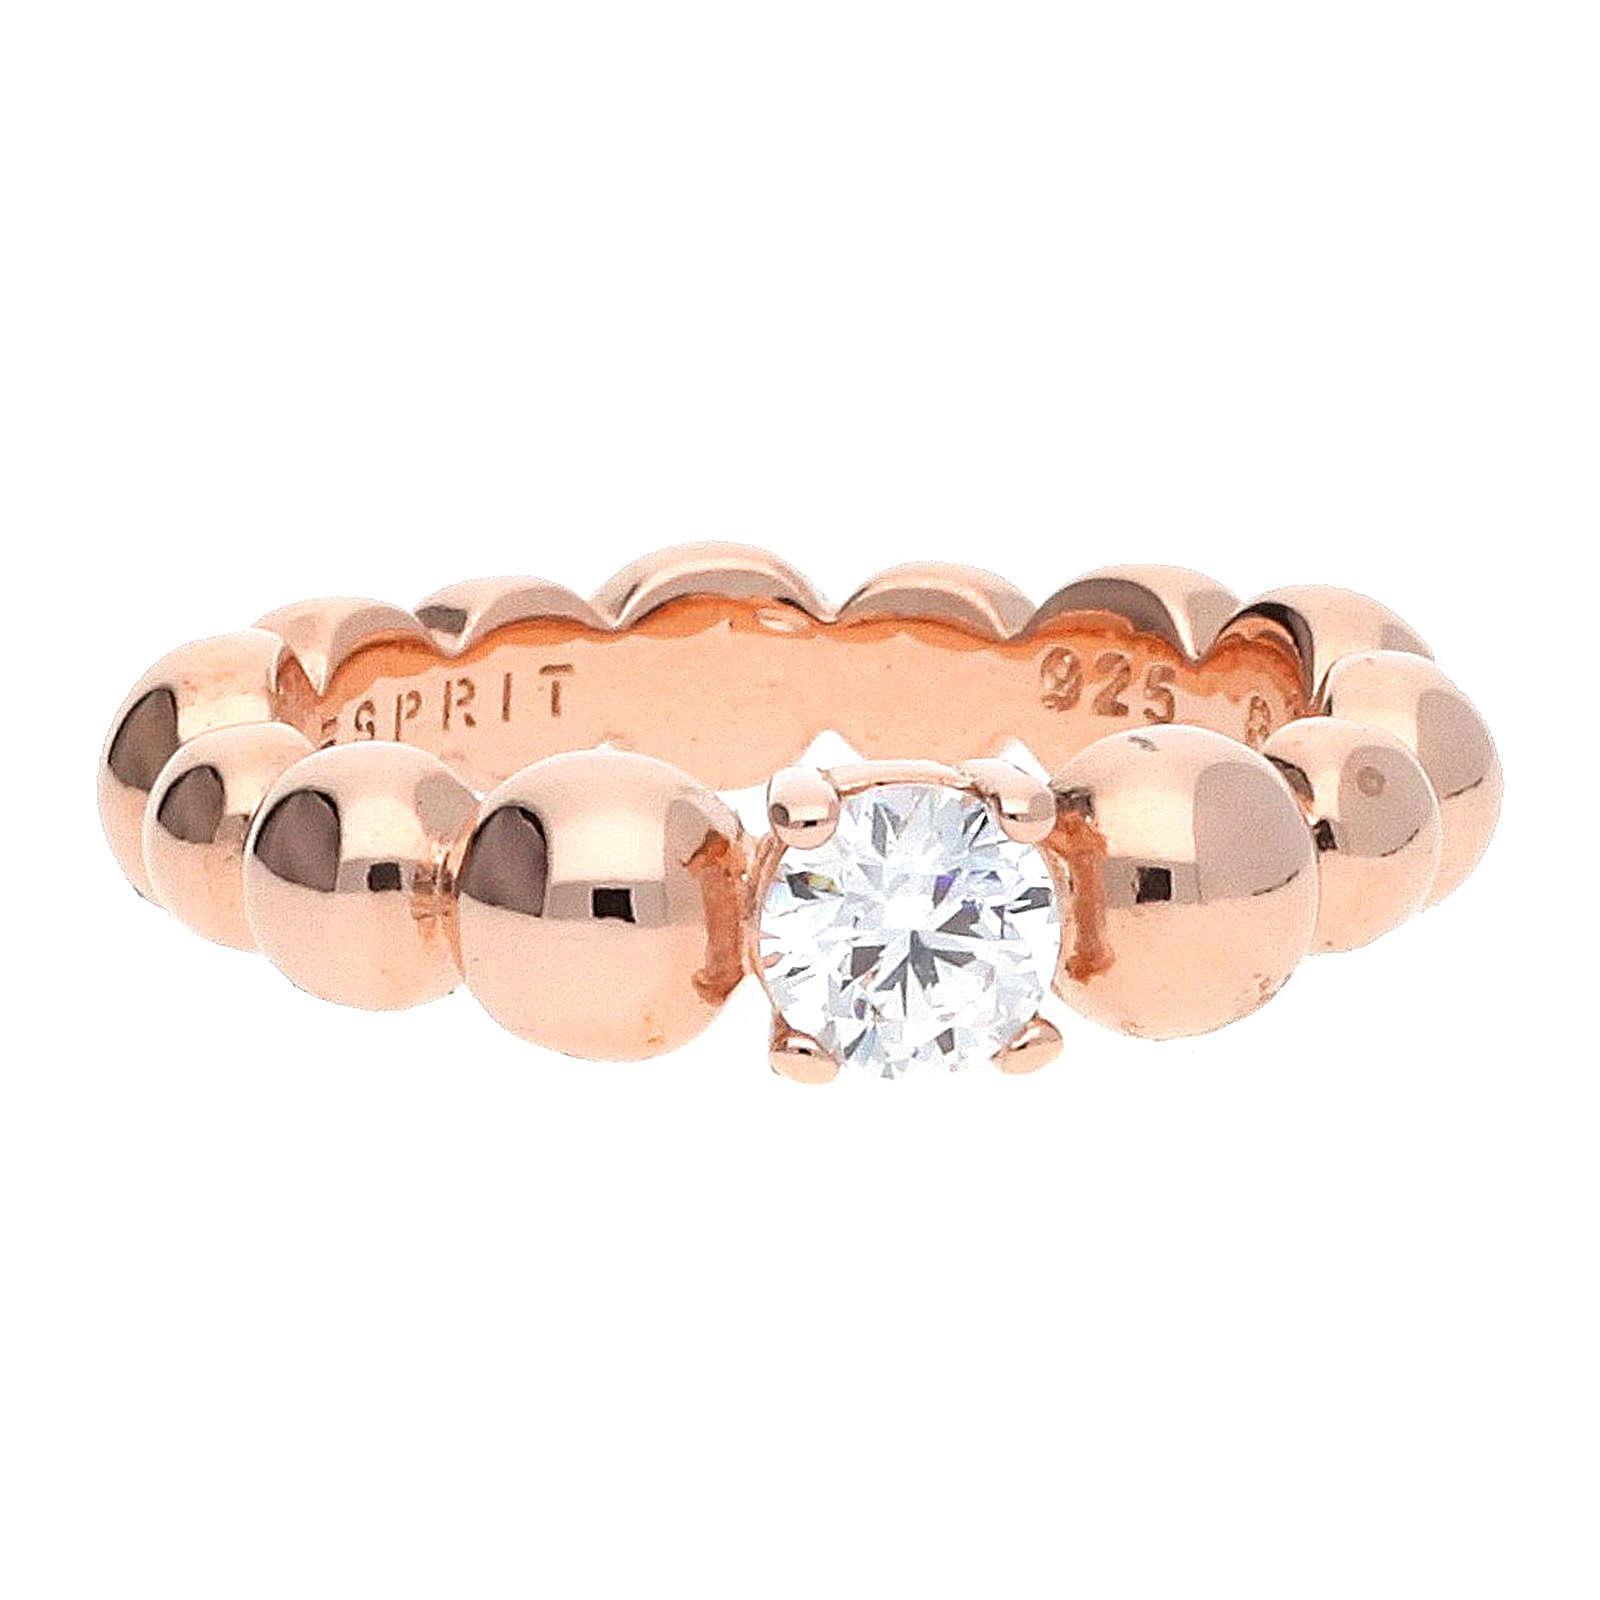 ESPRIT Ring Solo Pellet ESRG92321C rosa Damen G...